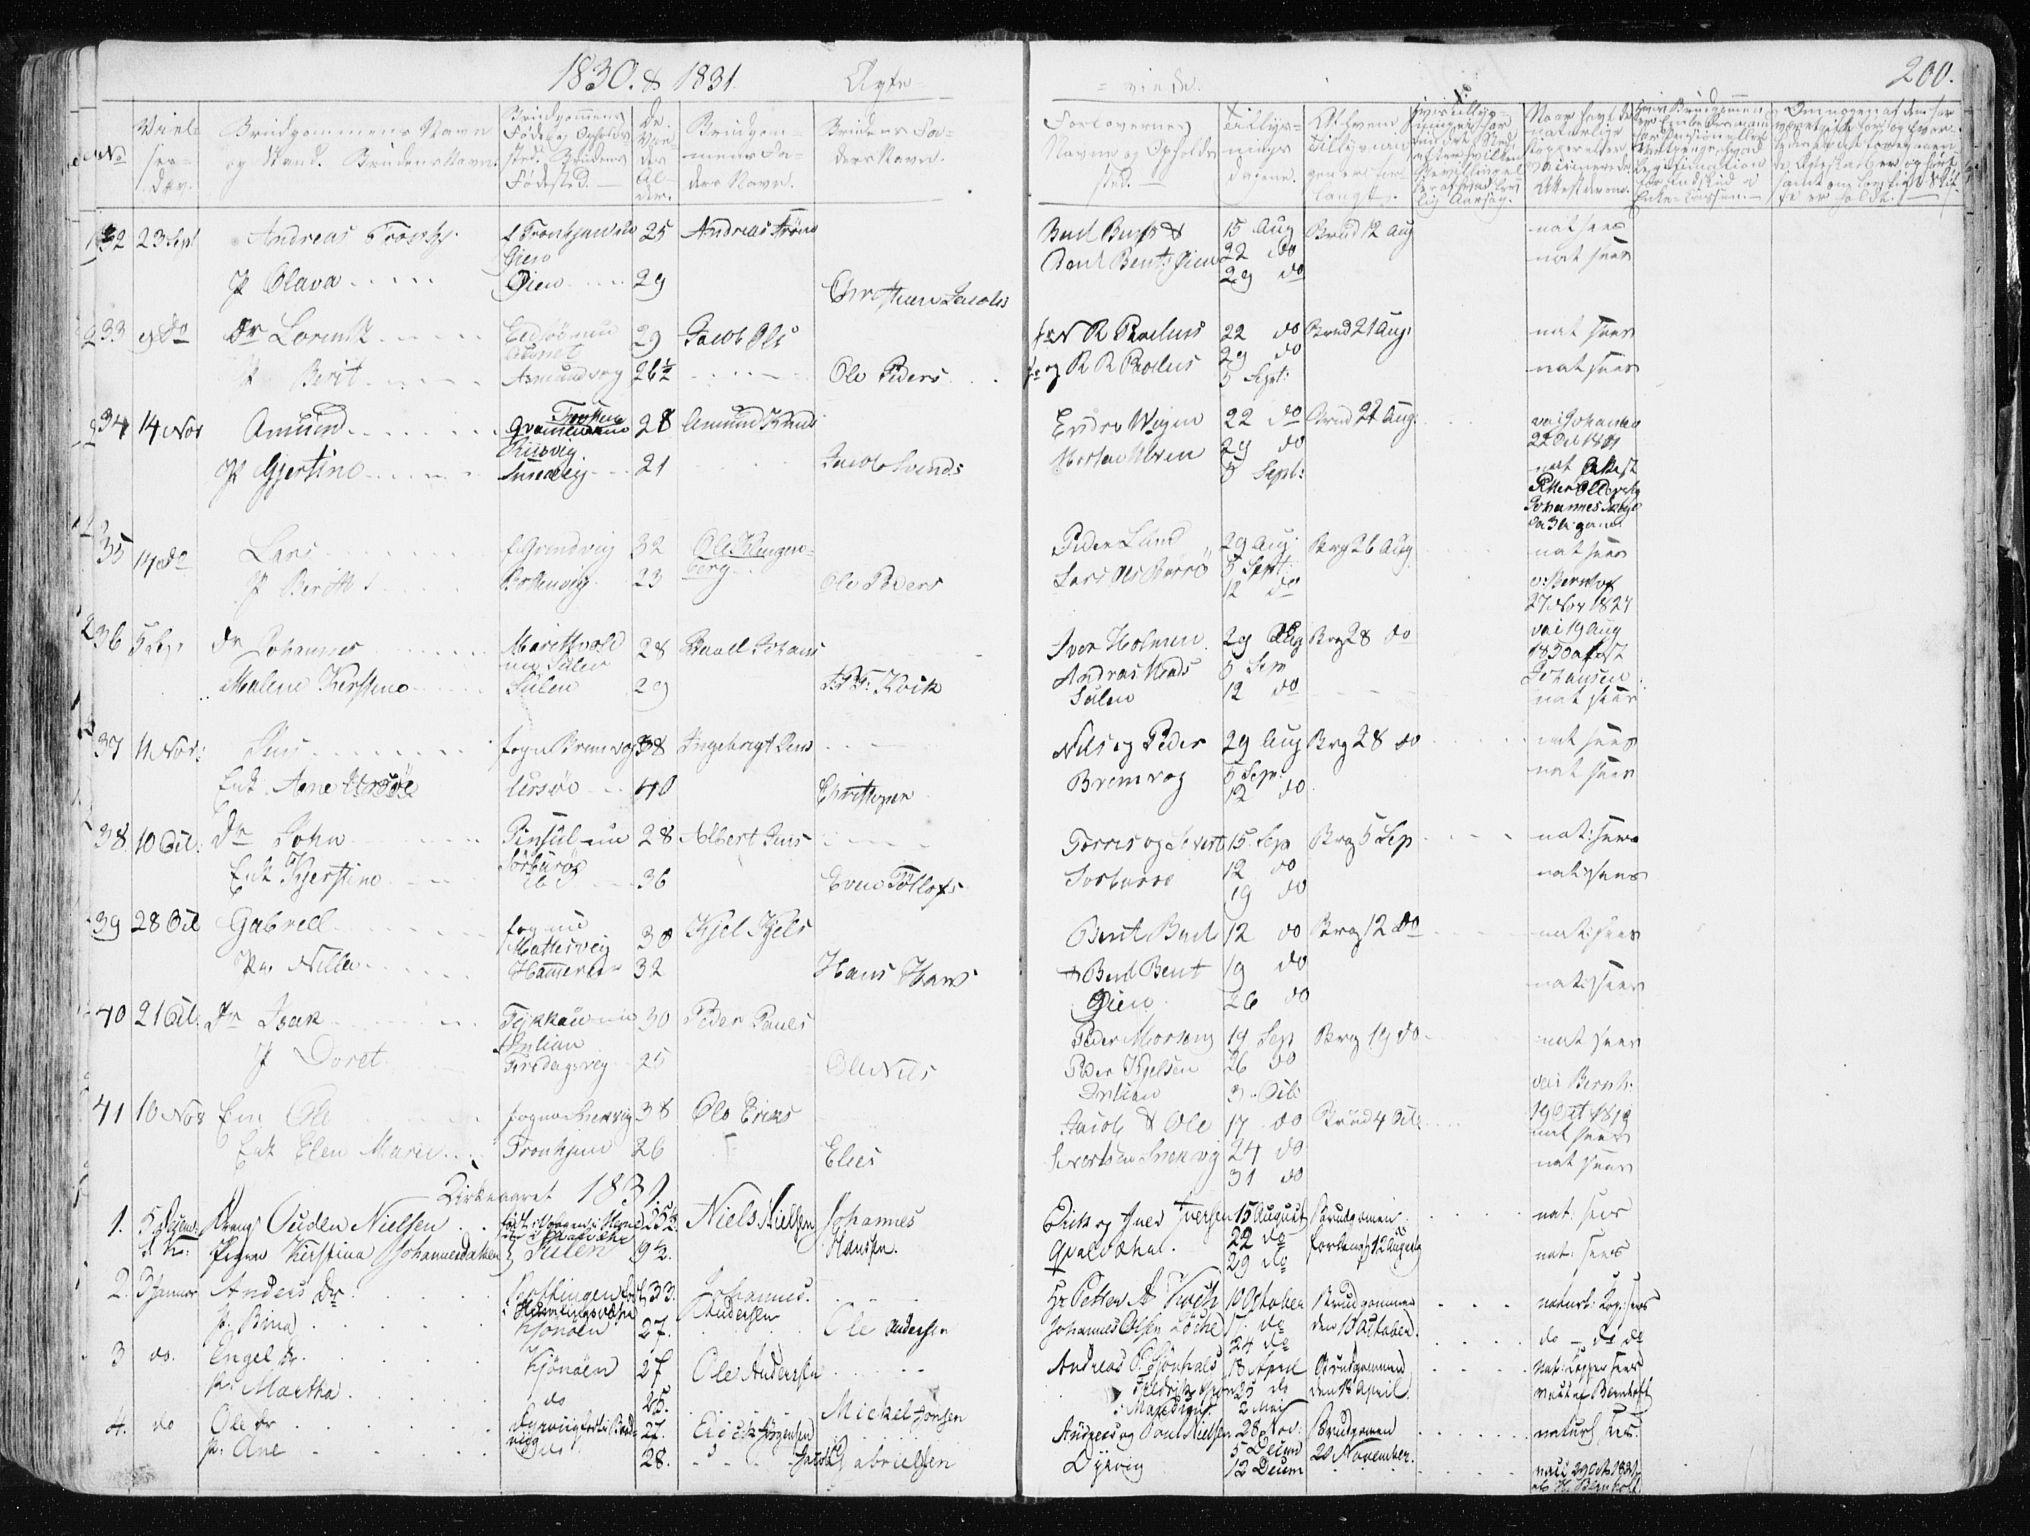 SAT, Ministerialprotokoller, klokkerbøker og fødselsregistre - Sør-Trøndelag, 634/L0528: Ministerialbok nr. 634A04, 1827-1842, s. 200